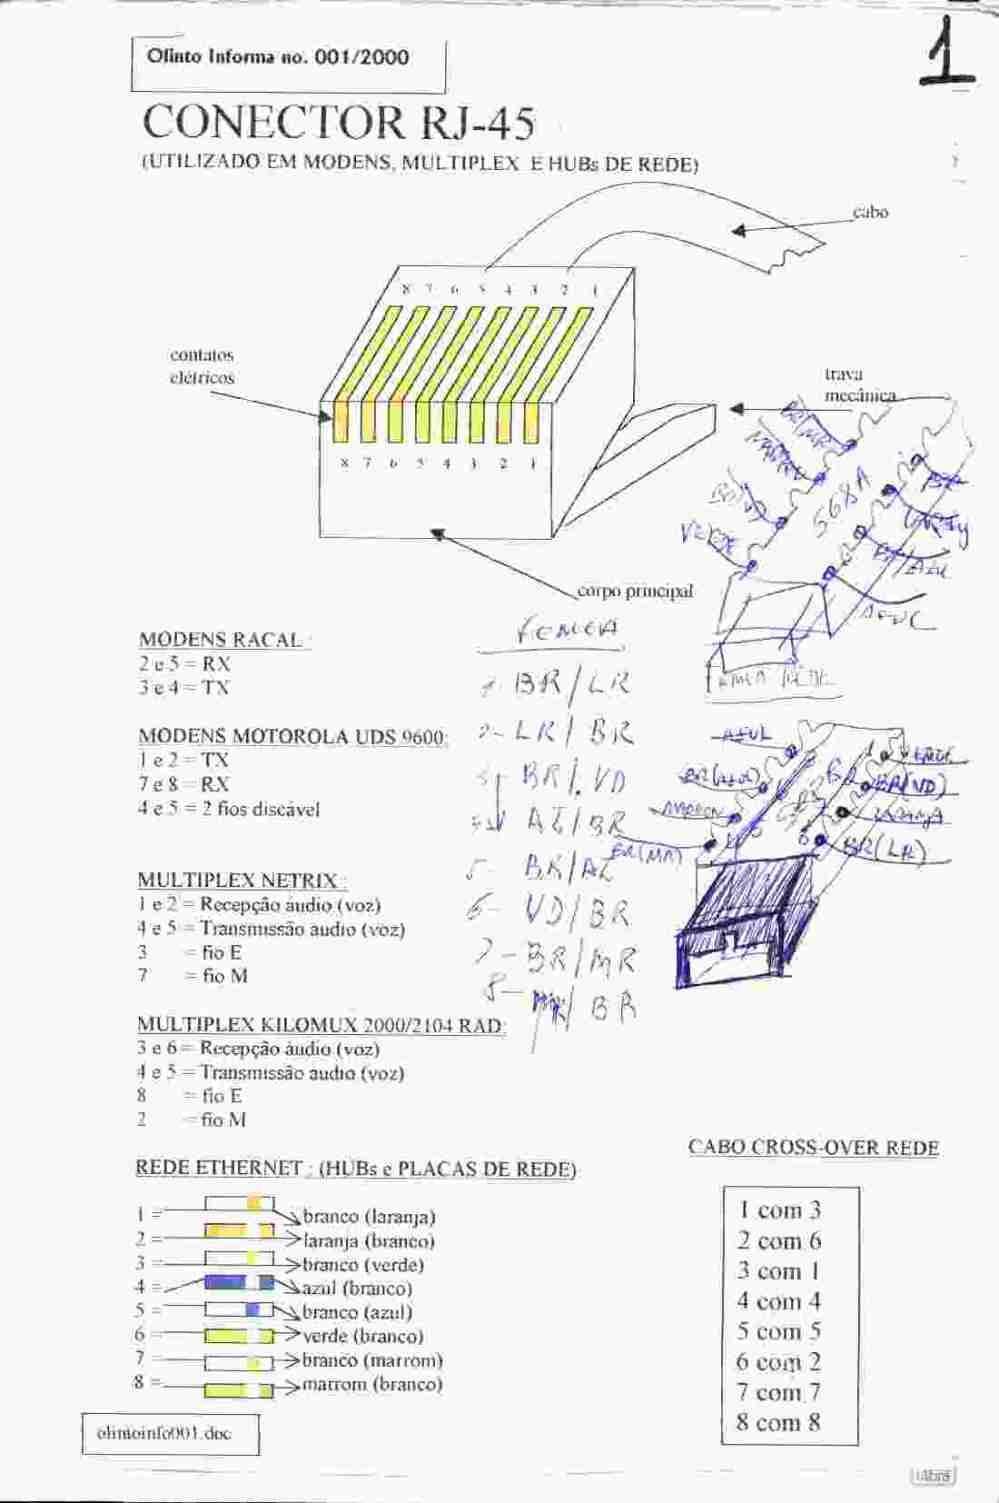 medium resolution of pinagem cabo serial db9 rj45